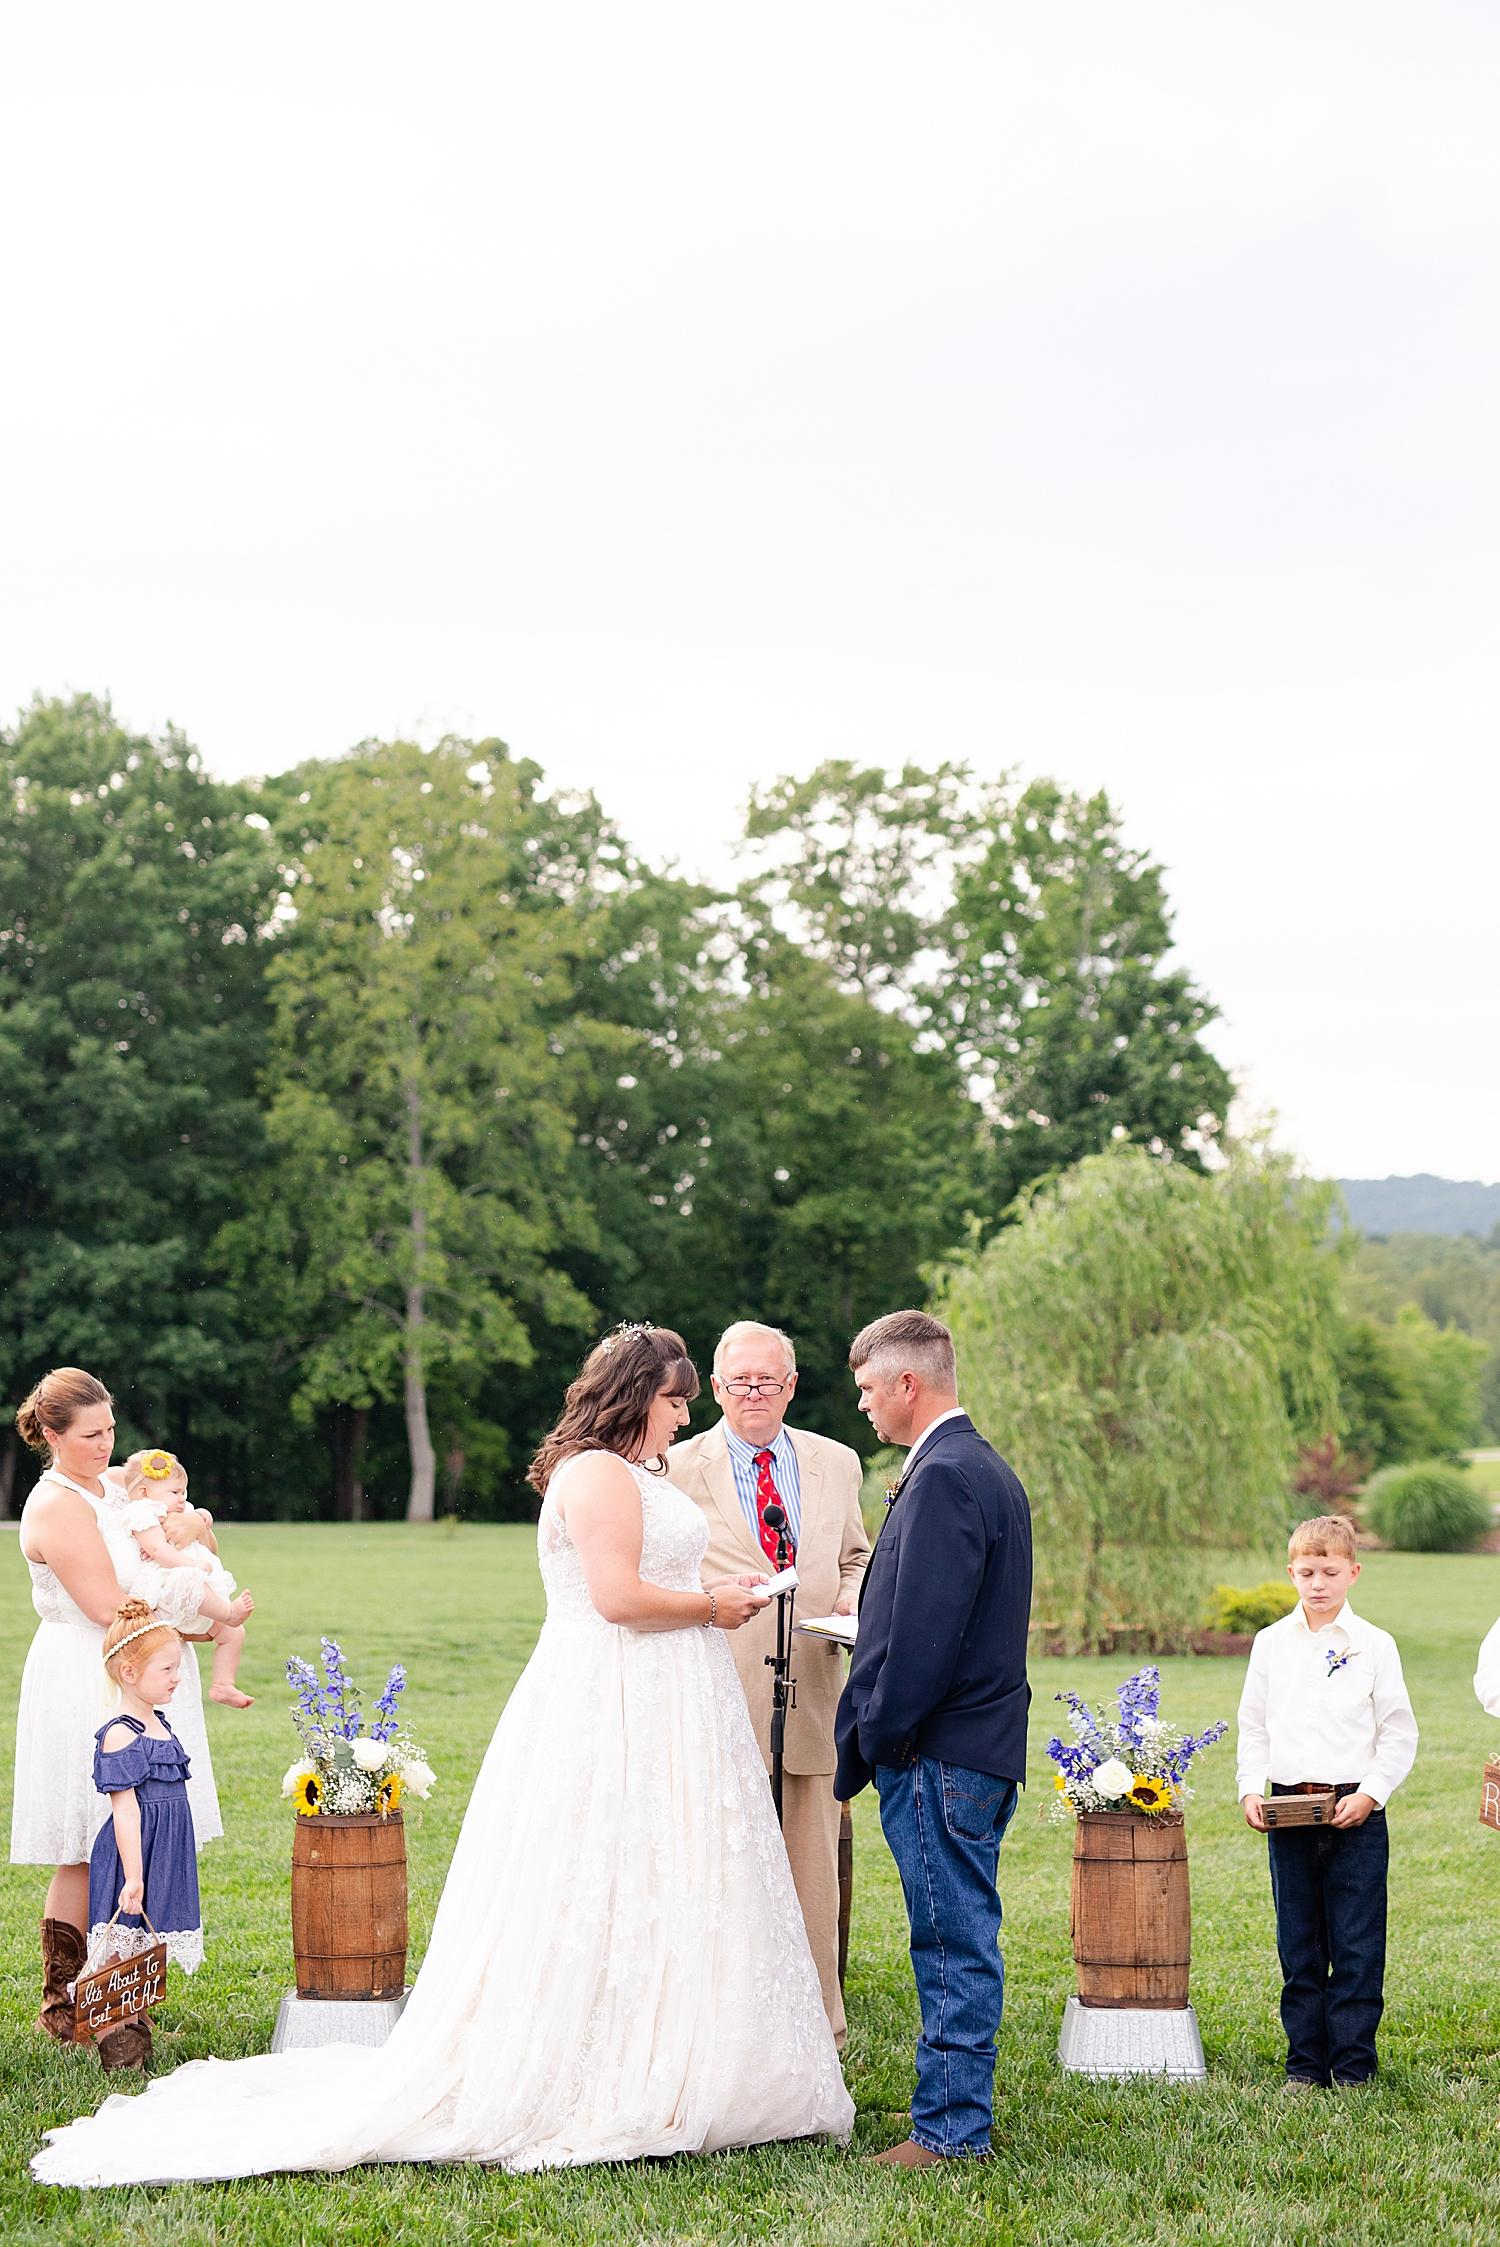 Atkinson Farms Spring Wedding Photo_1056.jpg